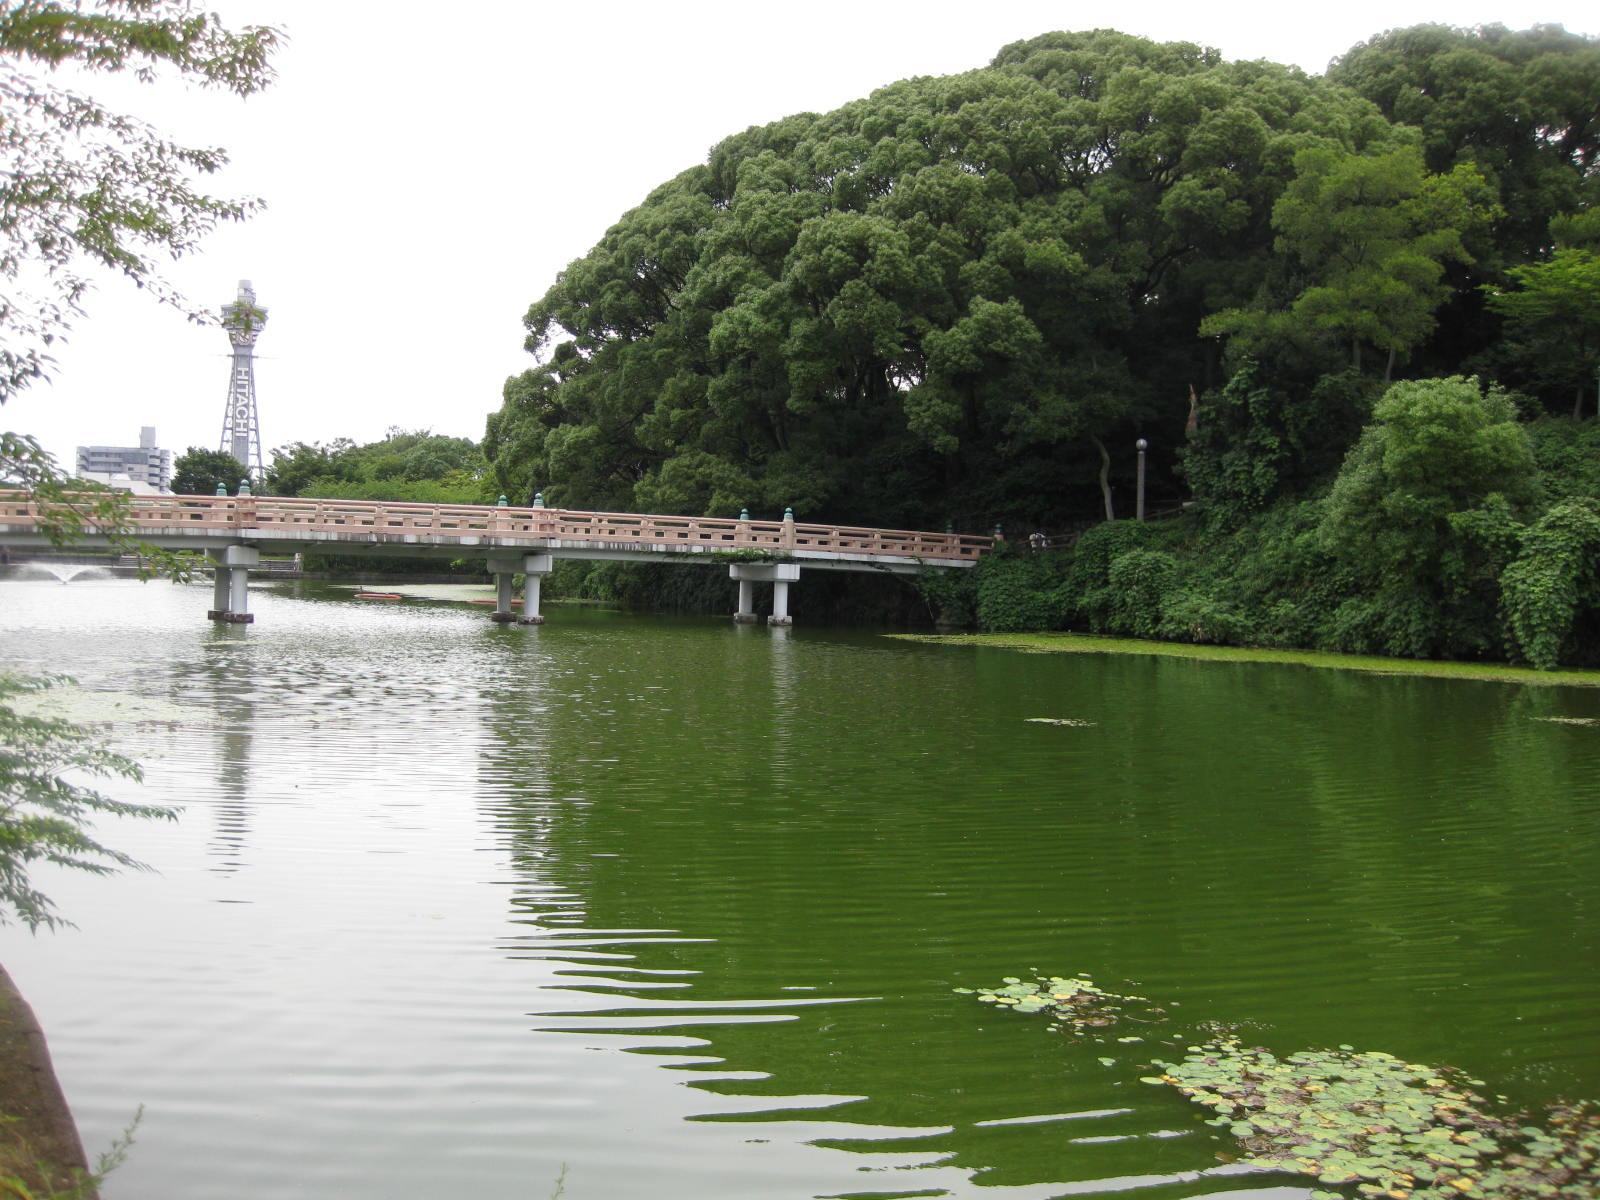 歩いて4分。河底池・和気橋(天王寺公園内)から数分